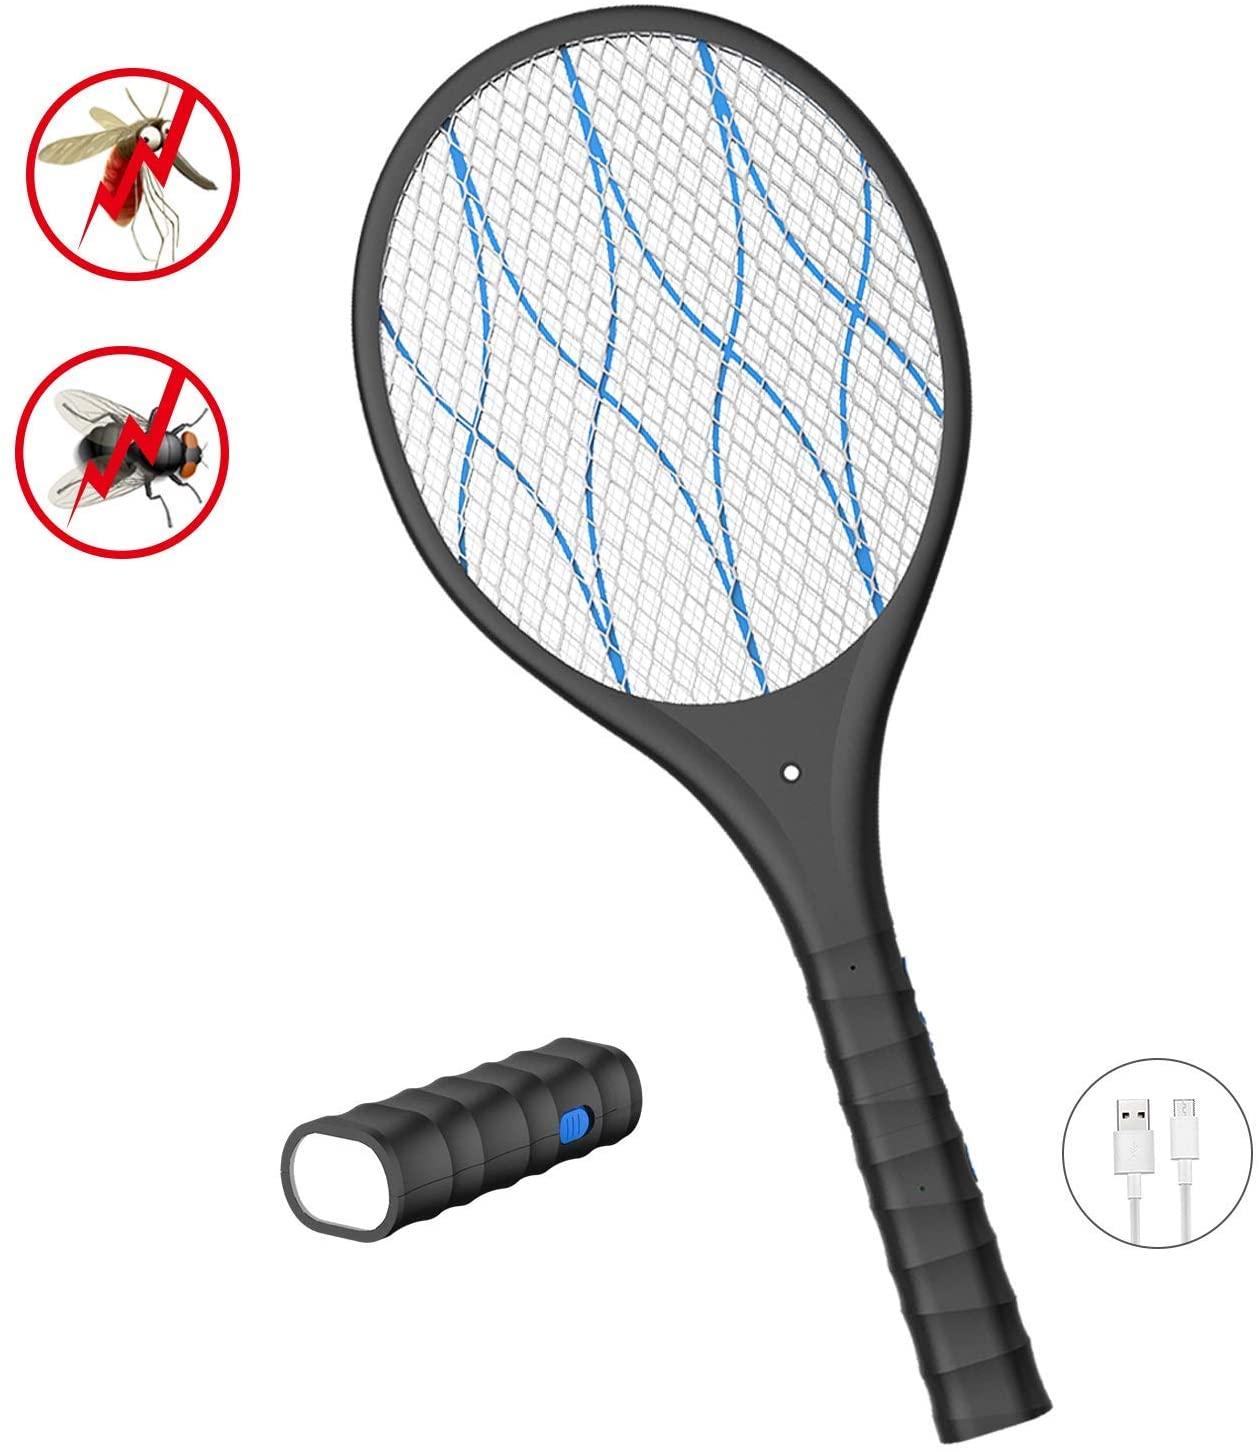 DOUHE Antimosquitos Recargable Raqueta Matamoscas Electrica, Mata Mosquitos Electrico, 4000 Voltios, Iluminación LED, Linterna Extraíble, Malla de Seguridad Unica de 3 Capas Segura para Tocar